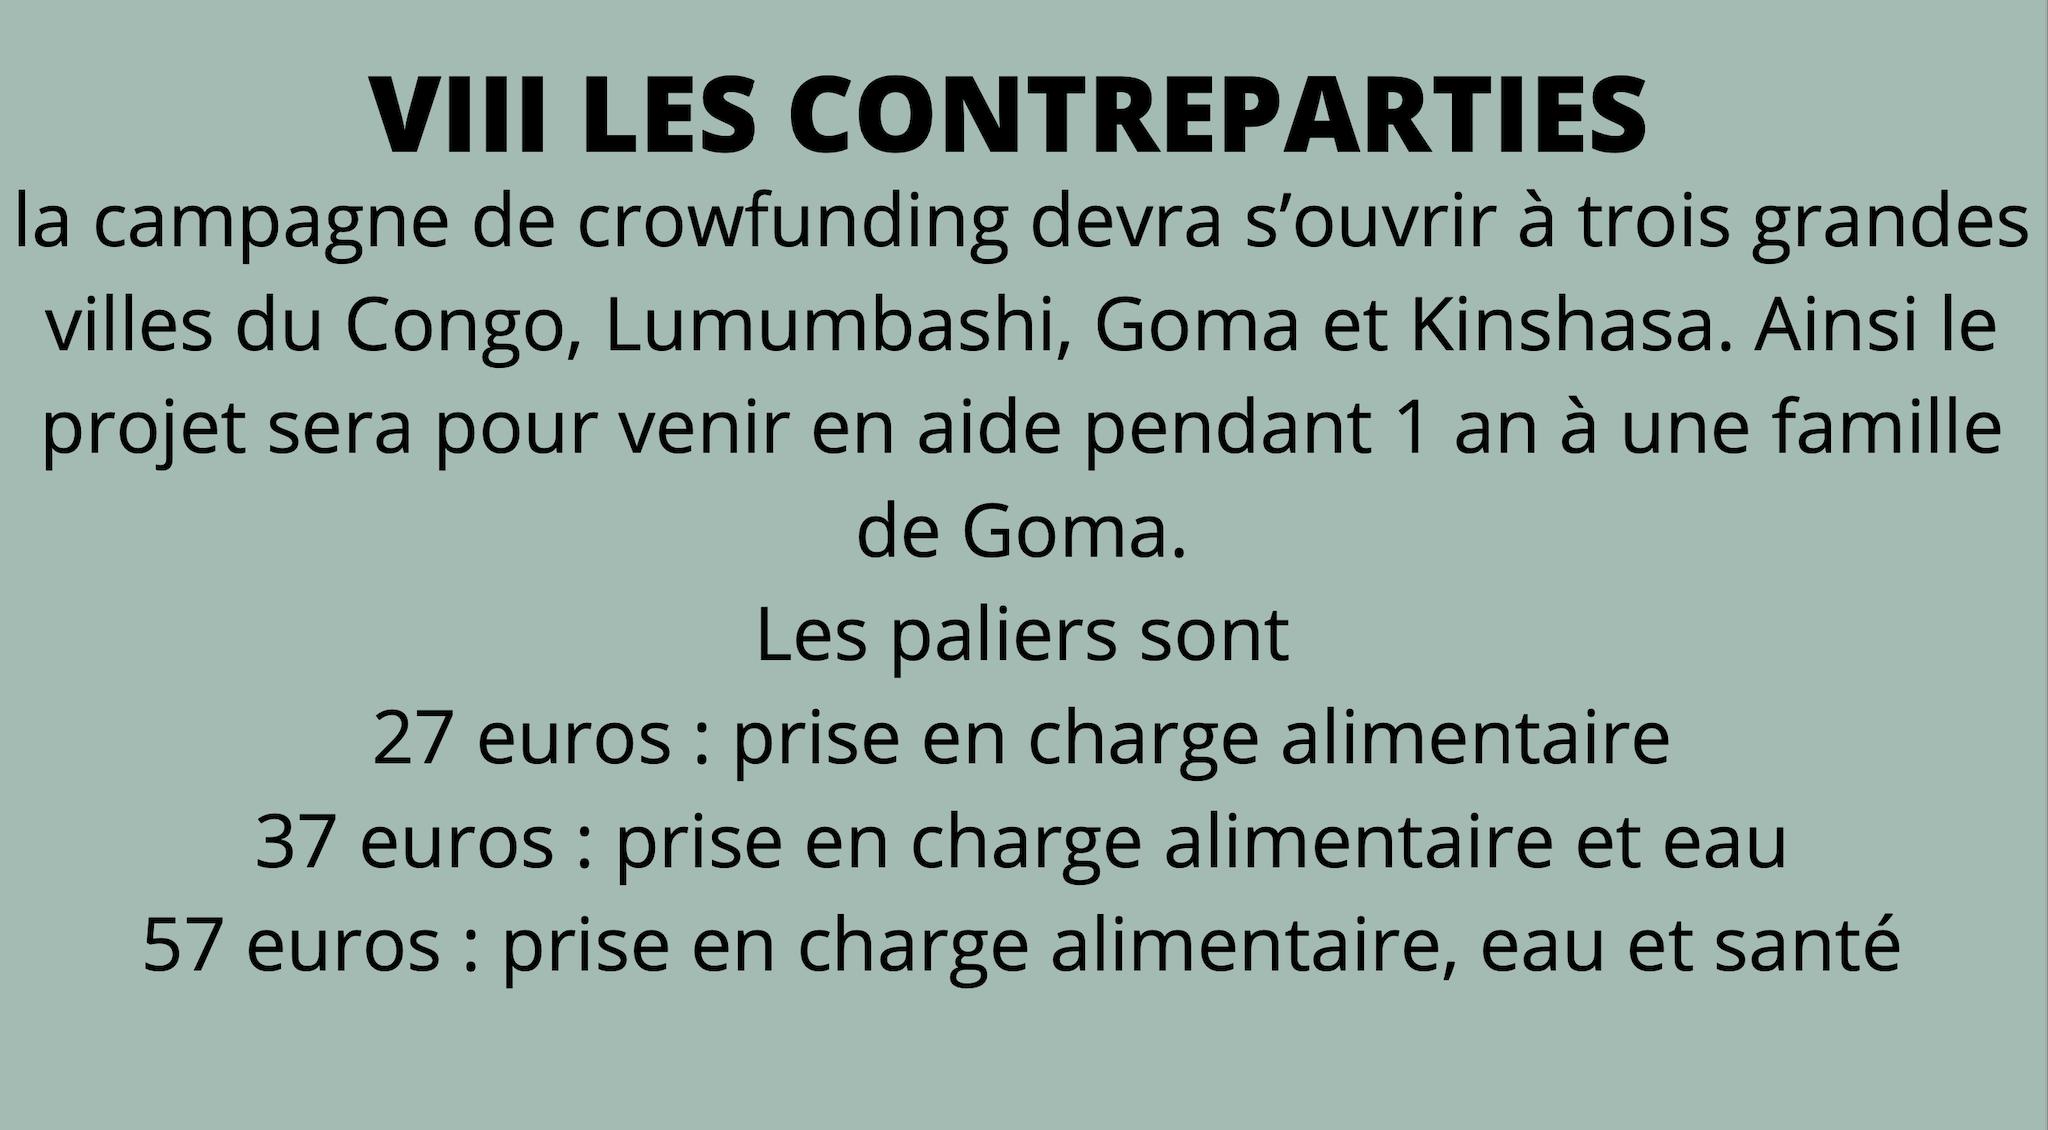 la campagne de crowfunding devra s'ouvrir à trois grandes villes du Congo, Lumumbashi, Goma et Kinshasa. Ainsi le projet sera pour venir en aide pendant 1 an à une famille de Goma. Les paliers sont 27 euros : prise en charge alimentaire 37 euros : prise en charge alimentaire et eau 57 euros : prise en charge alimentaire, eau et santé